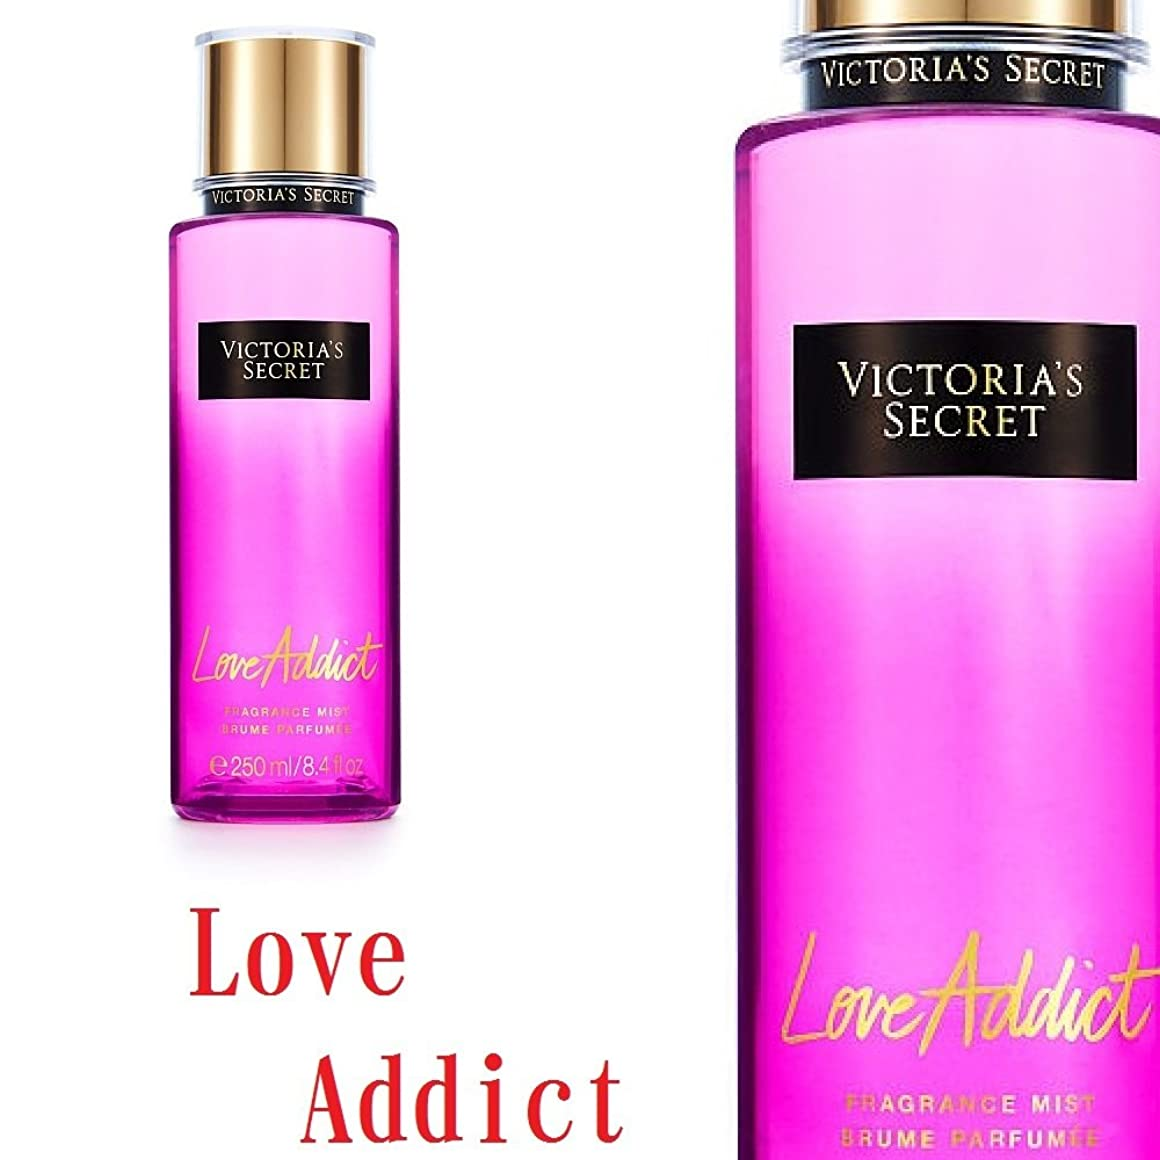 肝相談する路地フレグランスミスト Victoria'sSecretFantasies FragranceMist ヴィクトリアシークレット Victoria'sSecret (949.ラヴアディクト/LoveAddict) [並行輸入品]